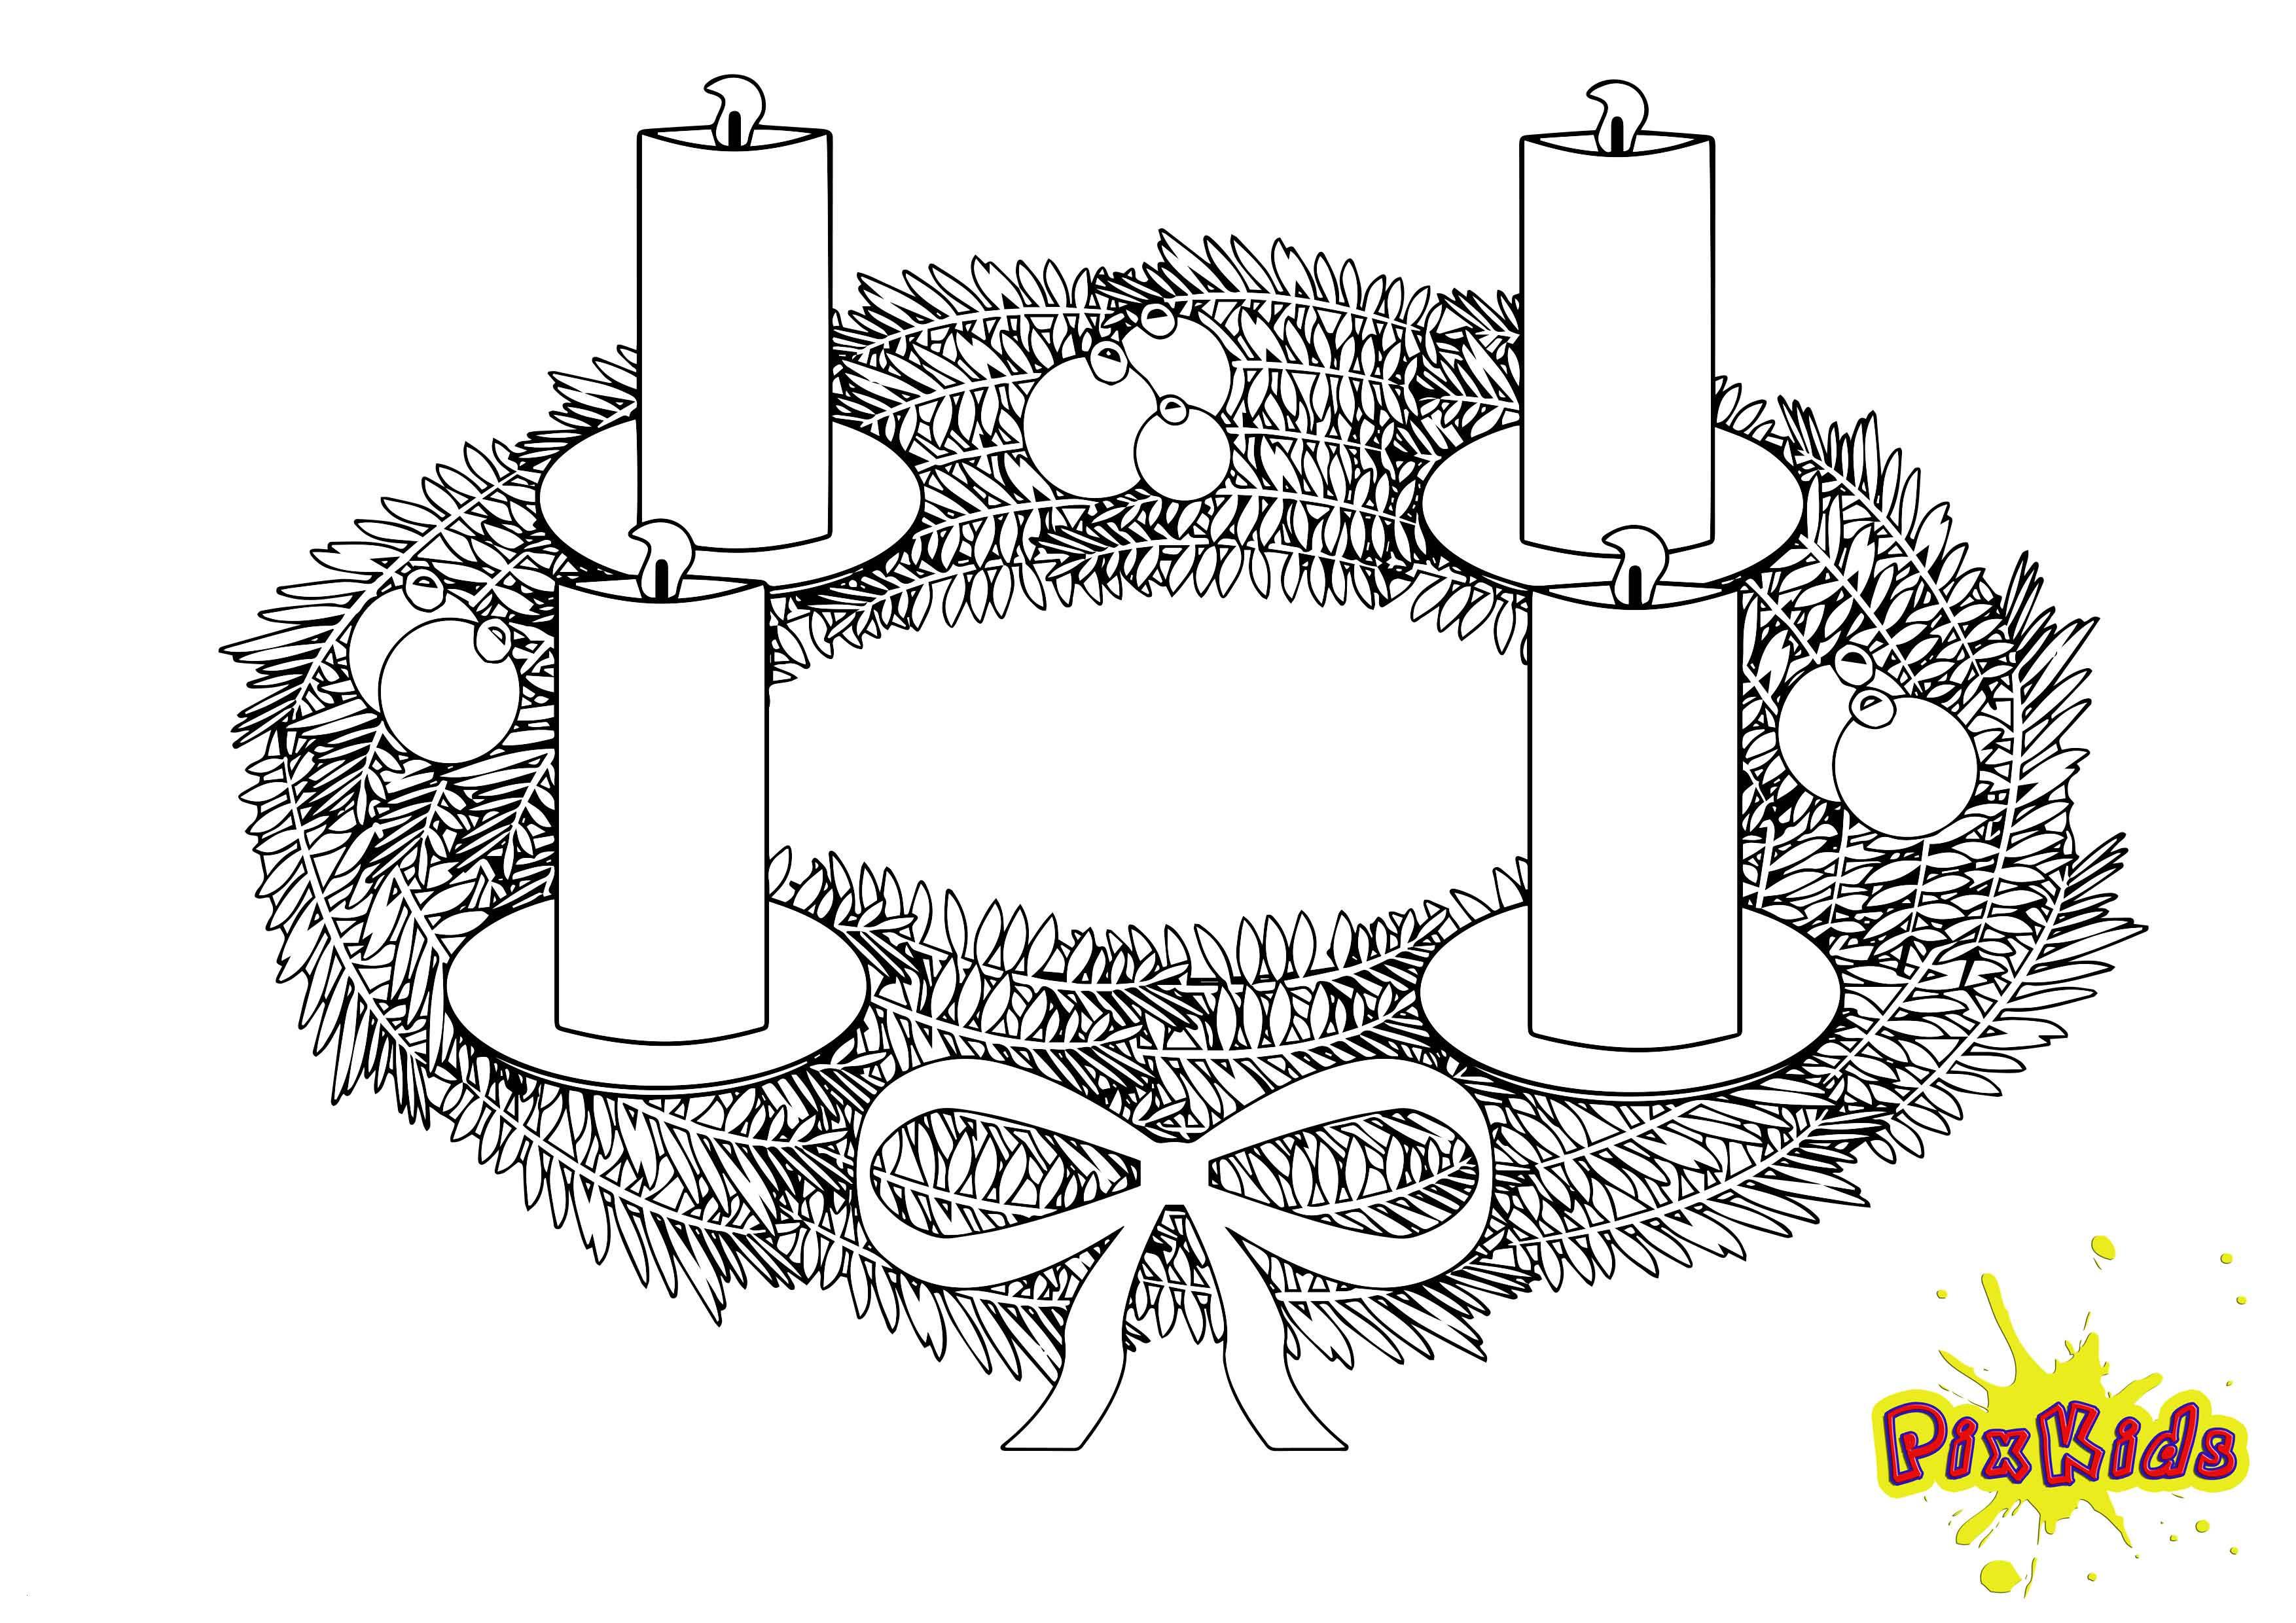 Osterhasen Zum Ausdrucken Genial Ausmalbilder Advent Kostenlose Malvorlage Einzigartig Osterhasen Stock